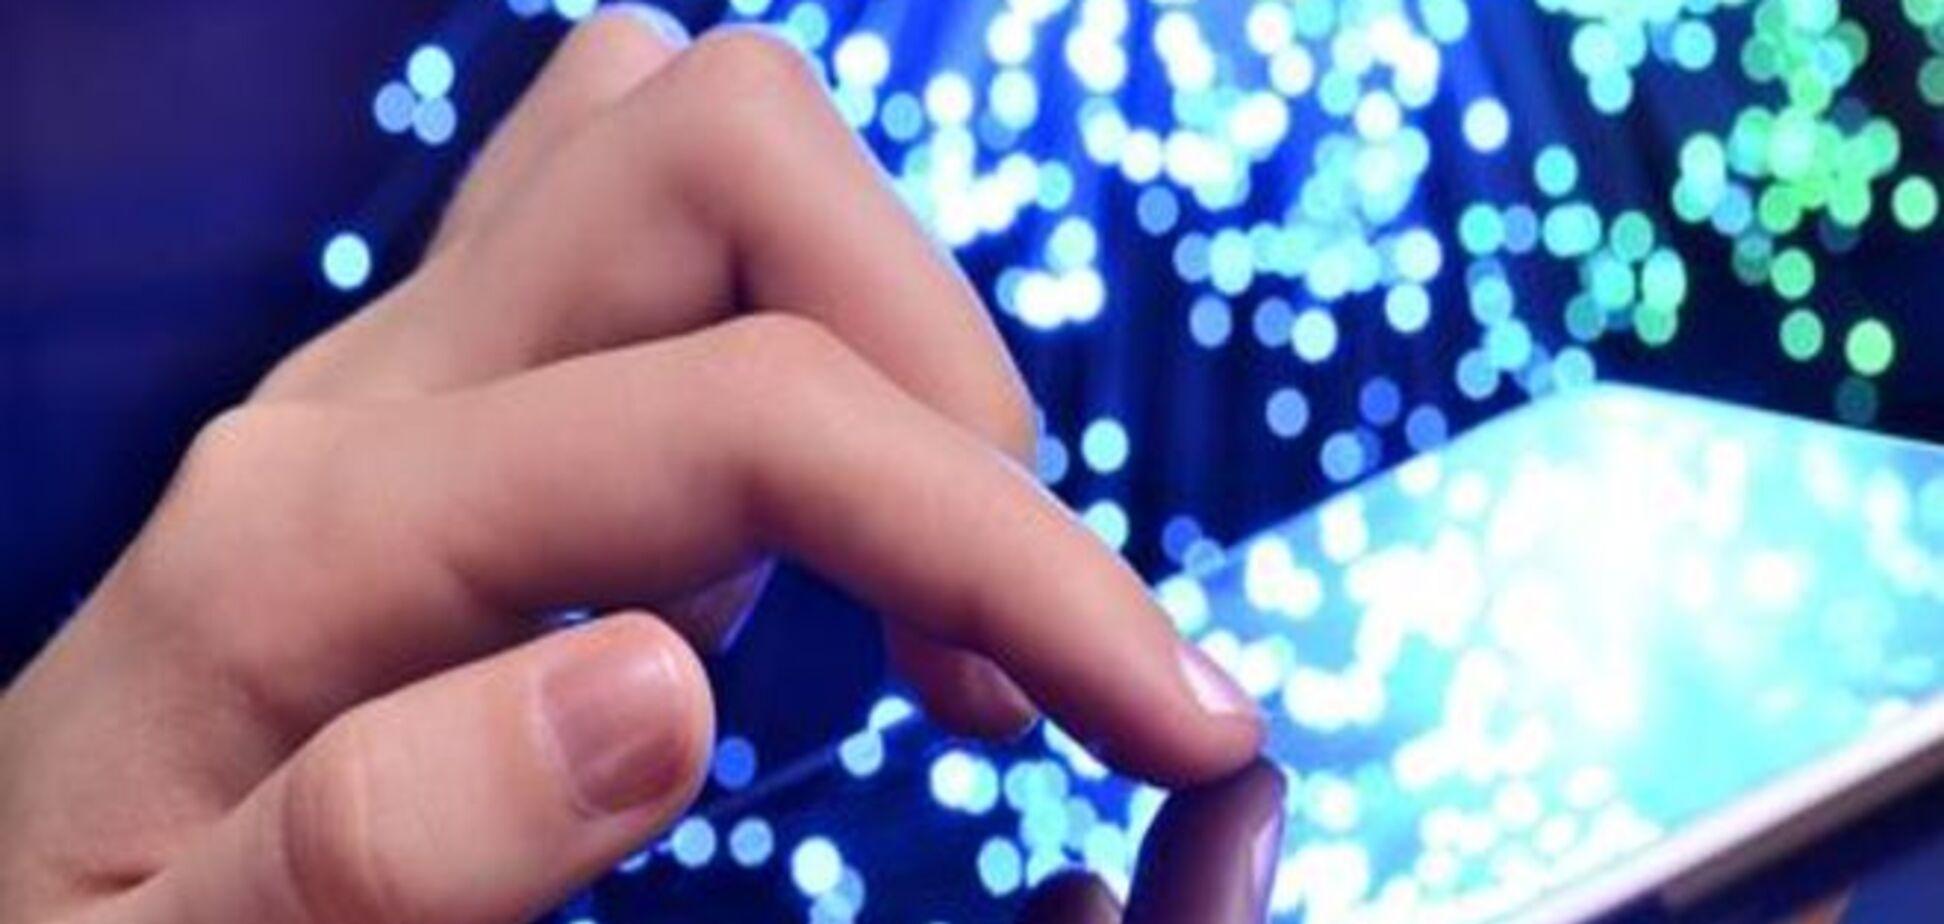 Прикосновение будущего: биохакер с помощью чипа в руке способен взломать любой телефон